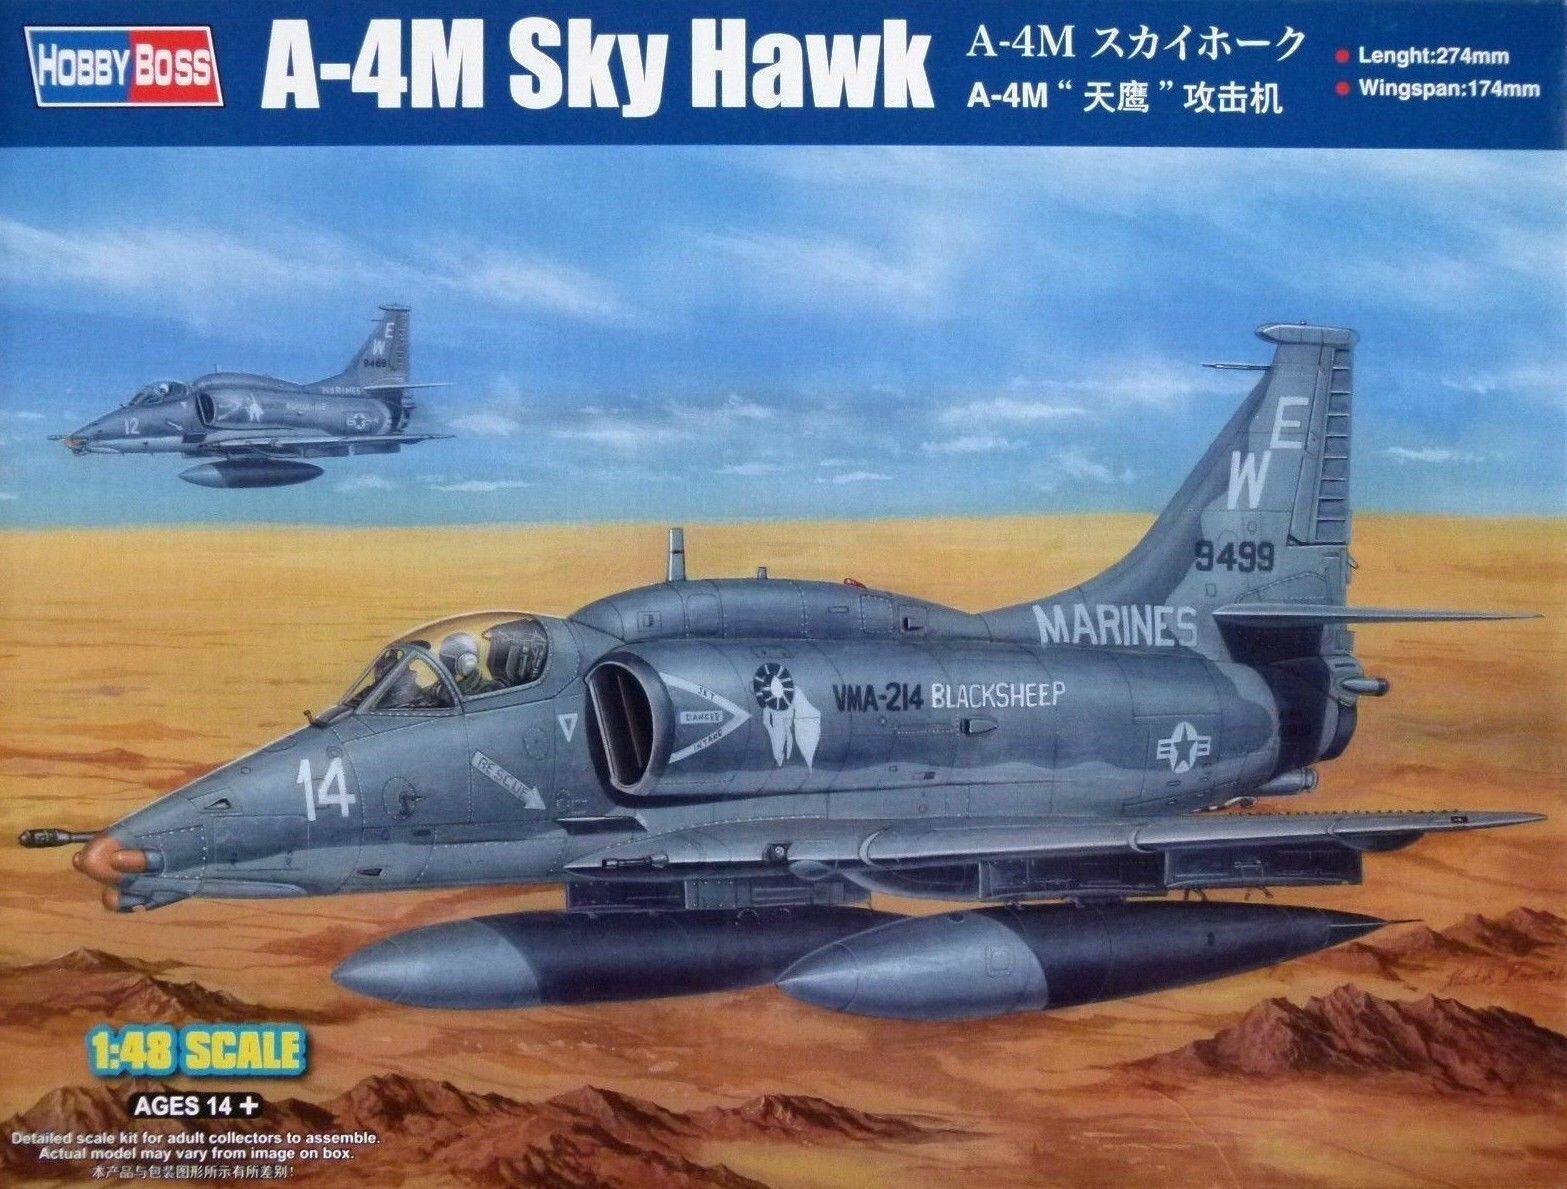 Hobbyboss 1 48 A-4M Skyhawk Aircraft Model Kit